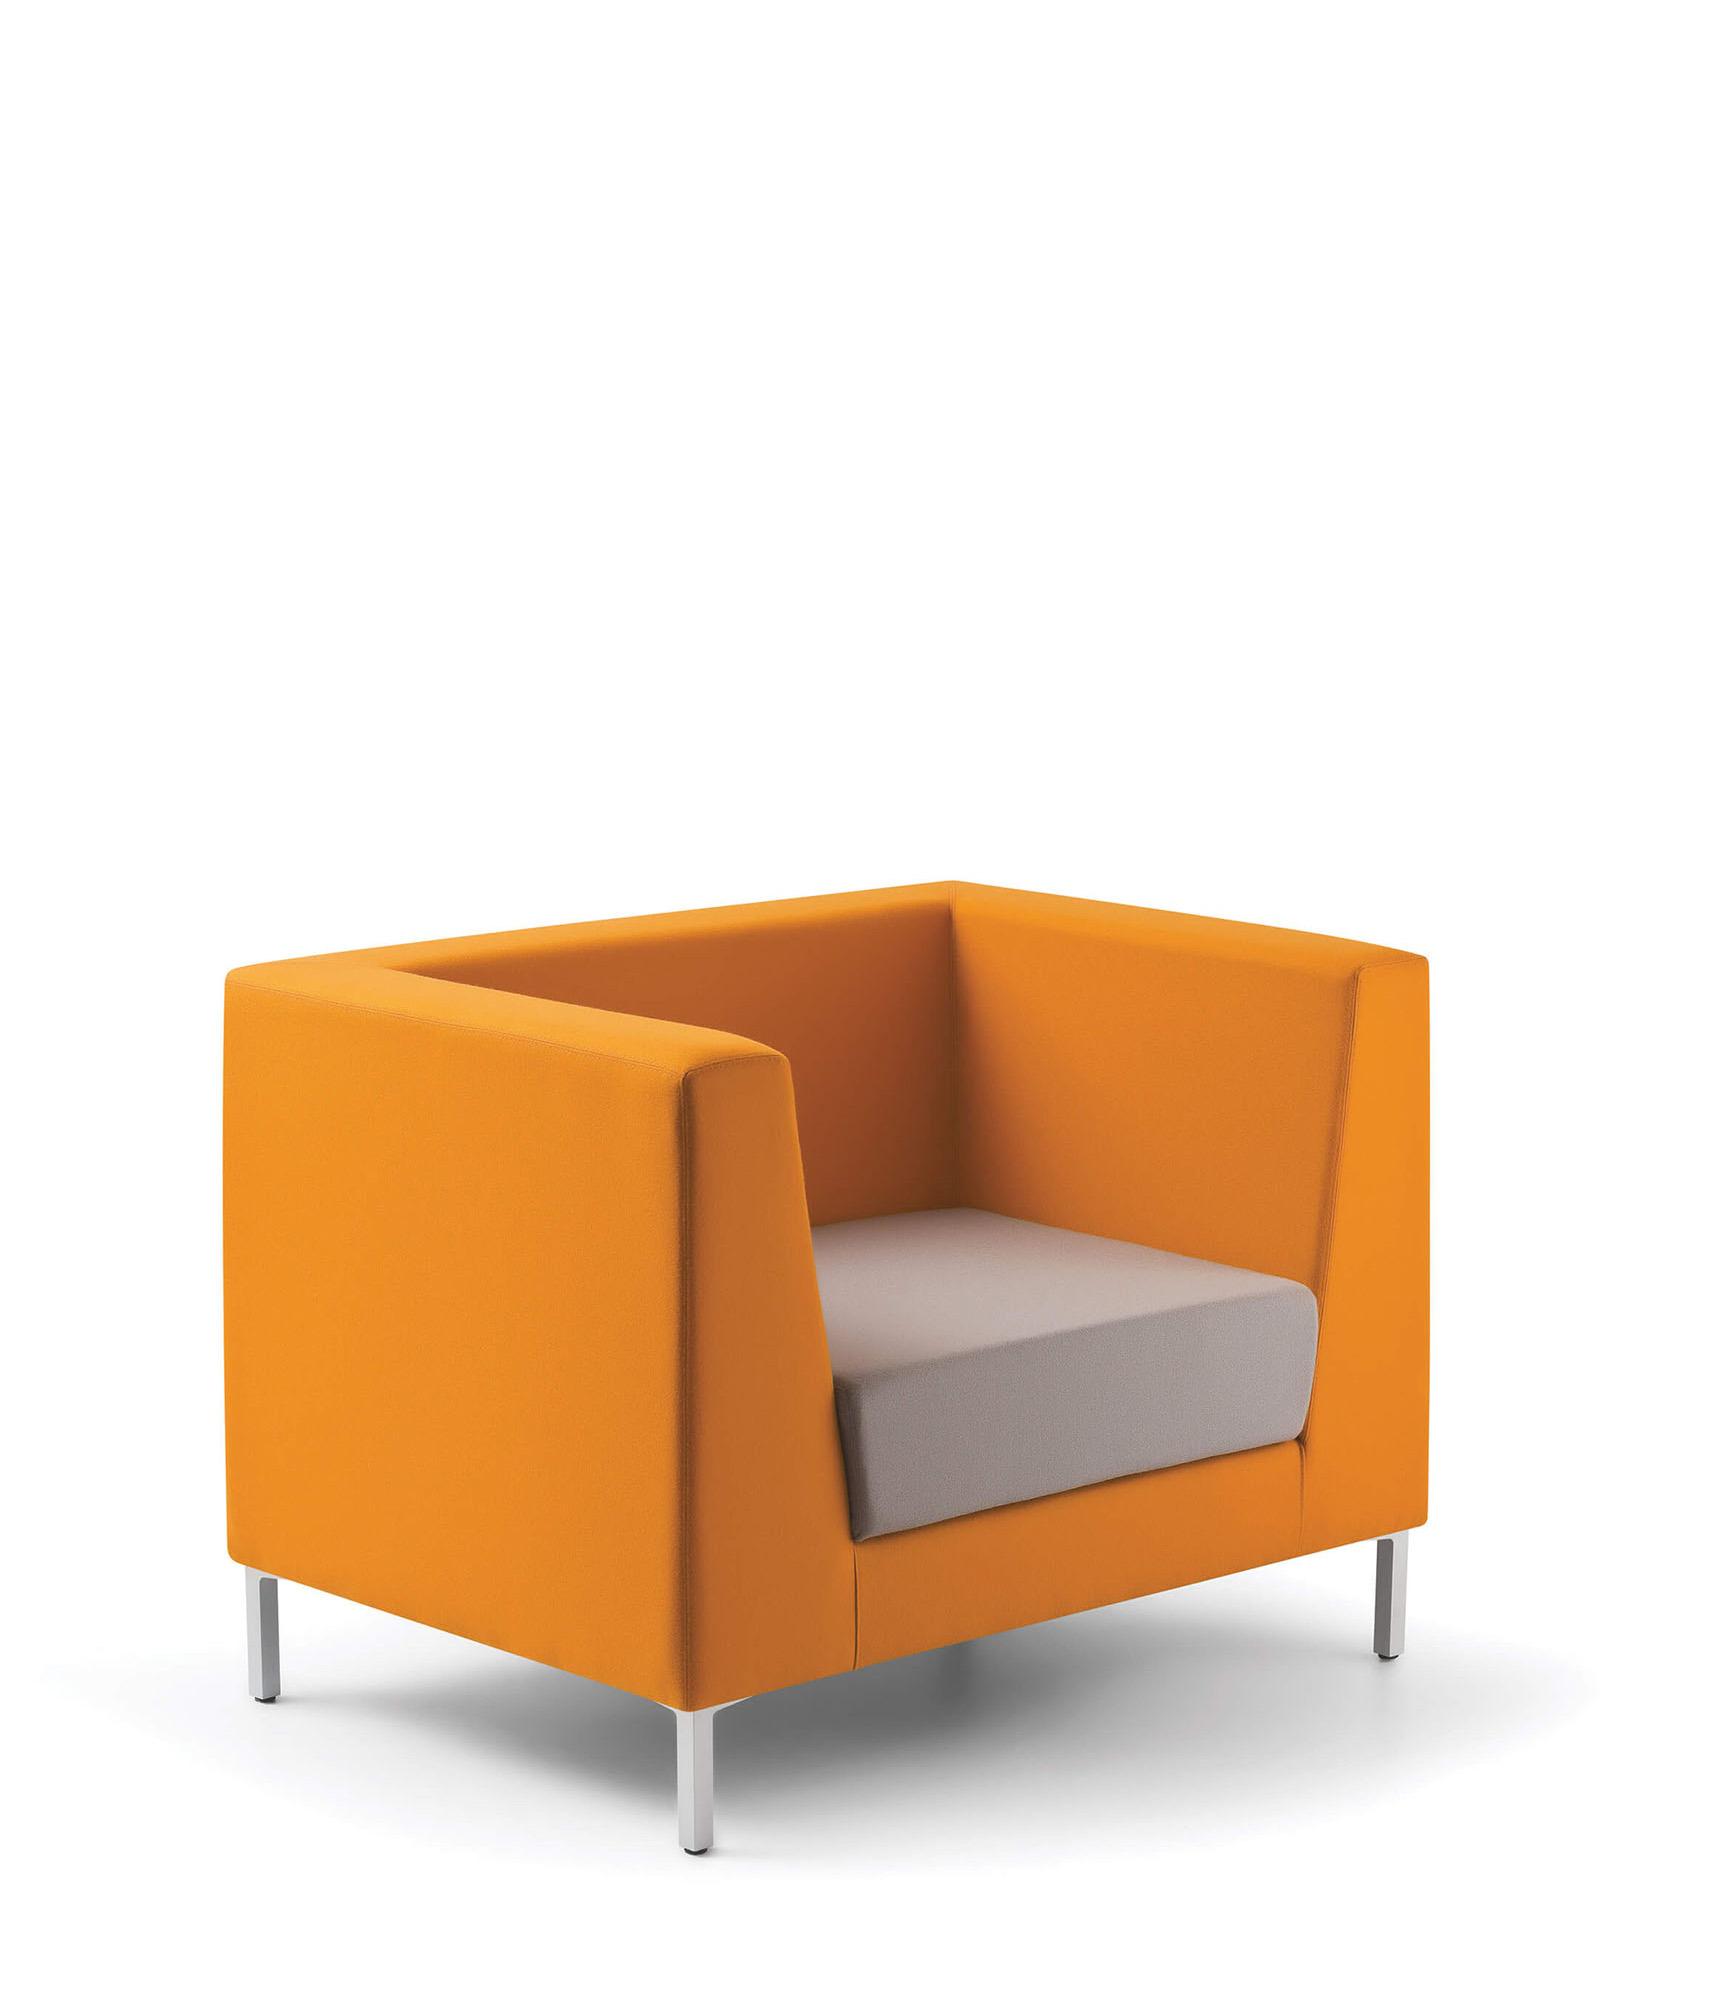 Poltrone attesa e divani ufficio design Lola